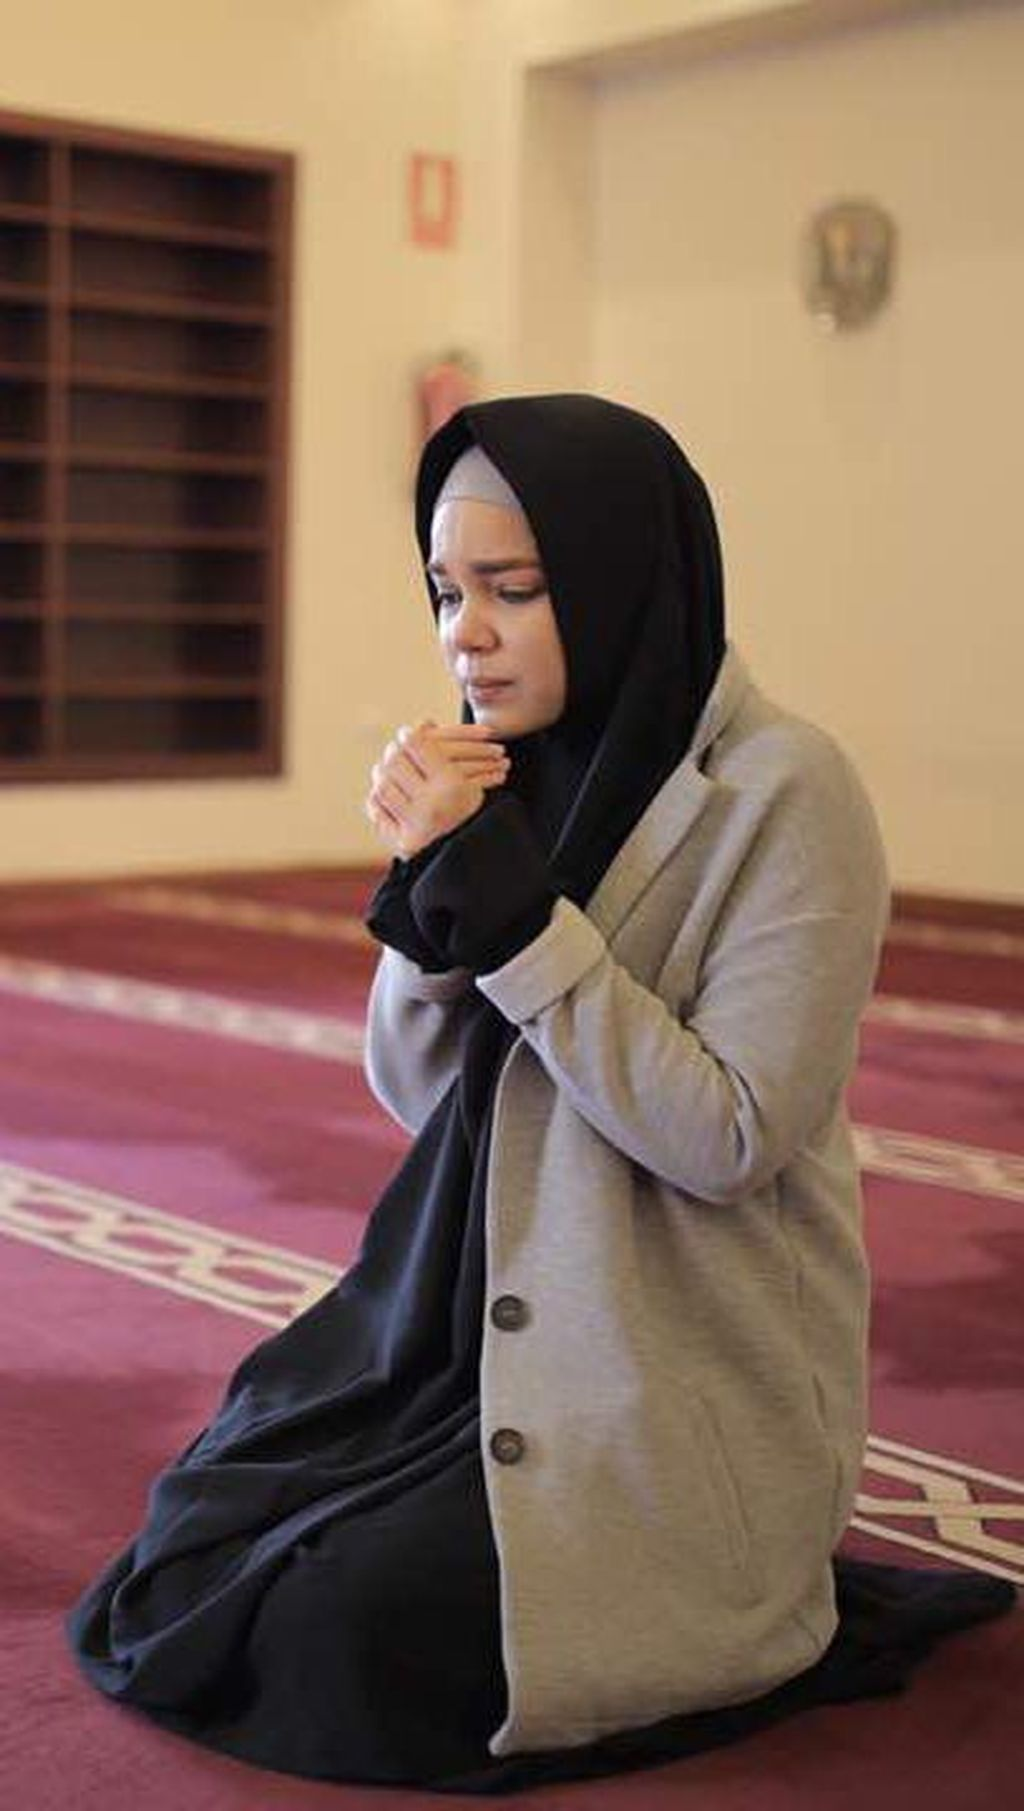 Dewi Sandra Ditatap Sinis karena Berhijab Saat Masuk Masjid di Spanyol